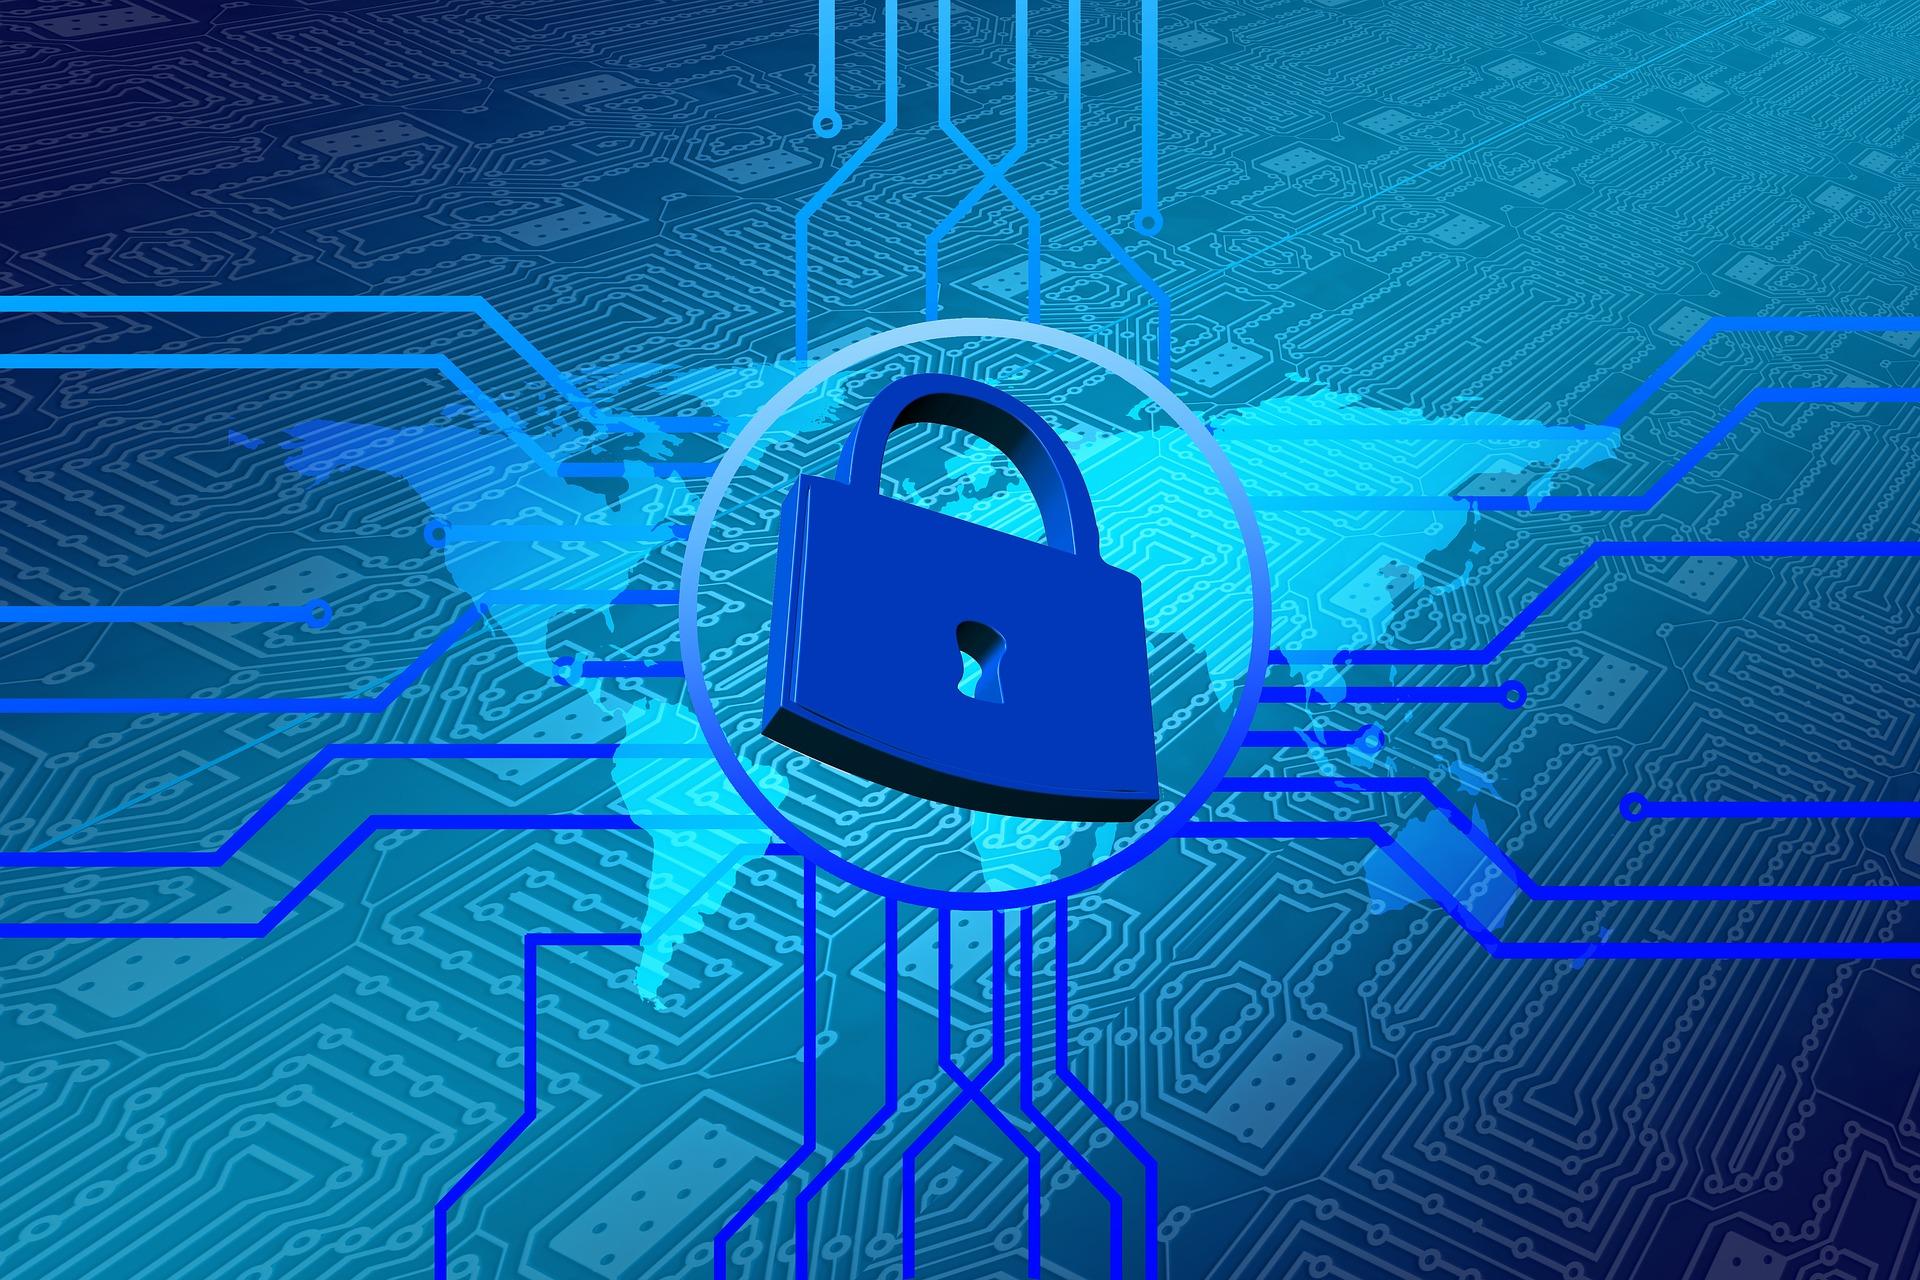 Sei mesi dopo l'entrata in vigore della normativa sul trattamento dei dati personali